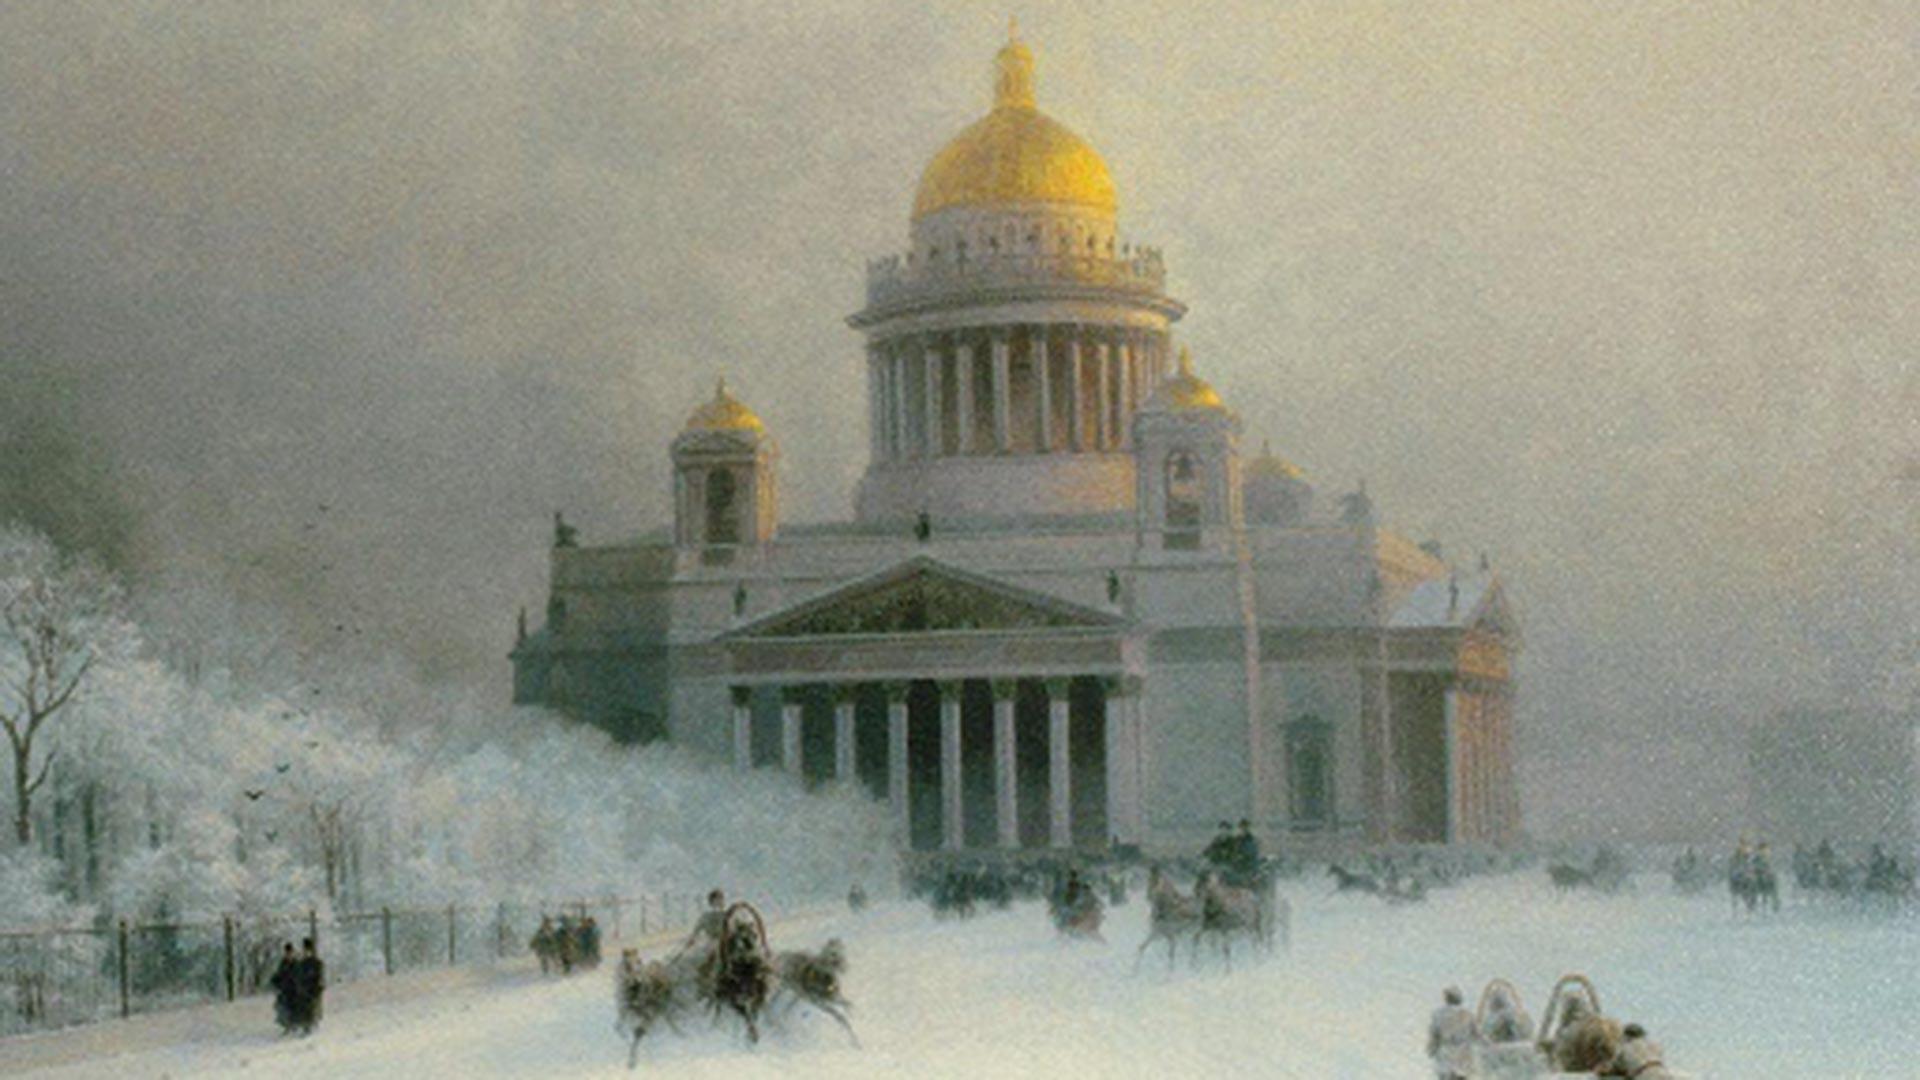 La cathédrale Saint-Isaac lors d'une journée glaciale, 1891